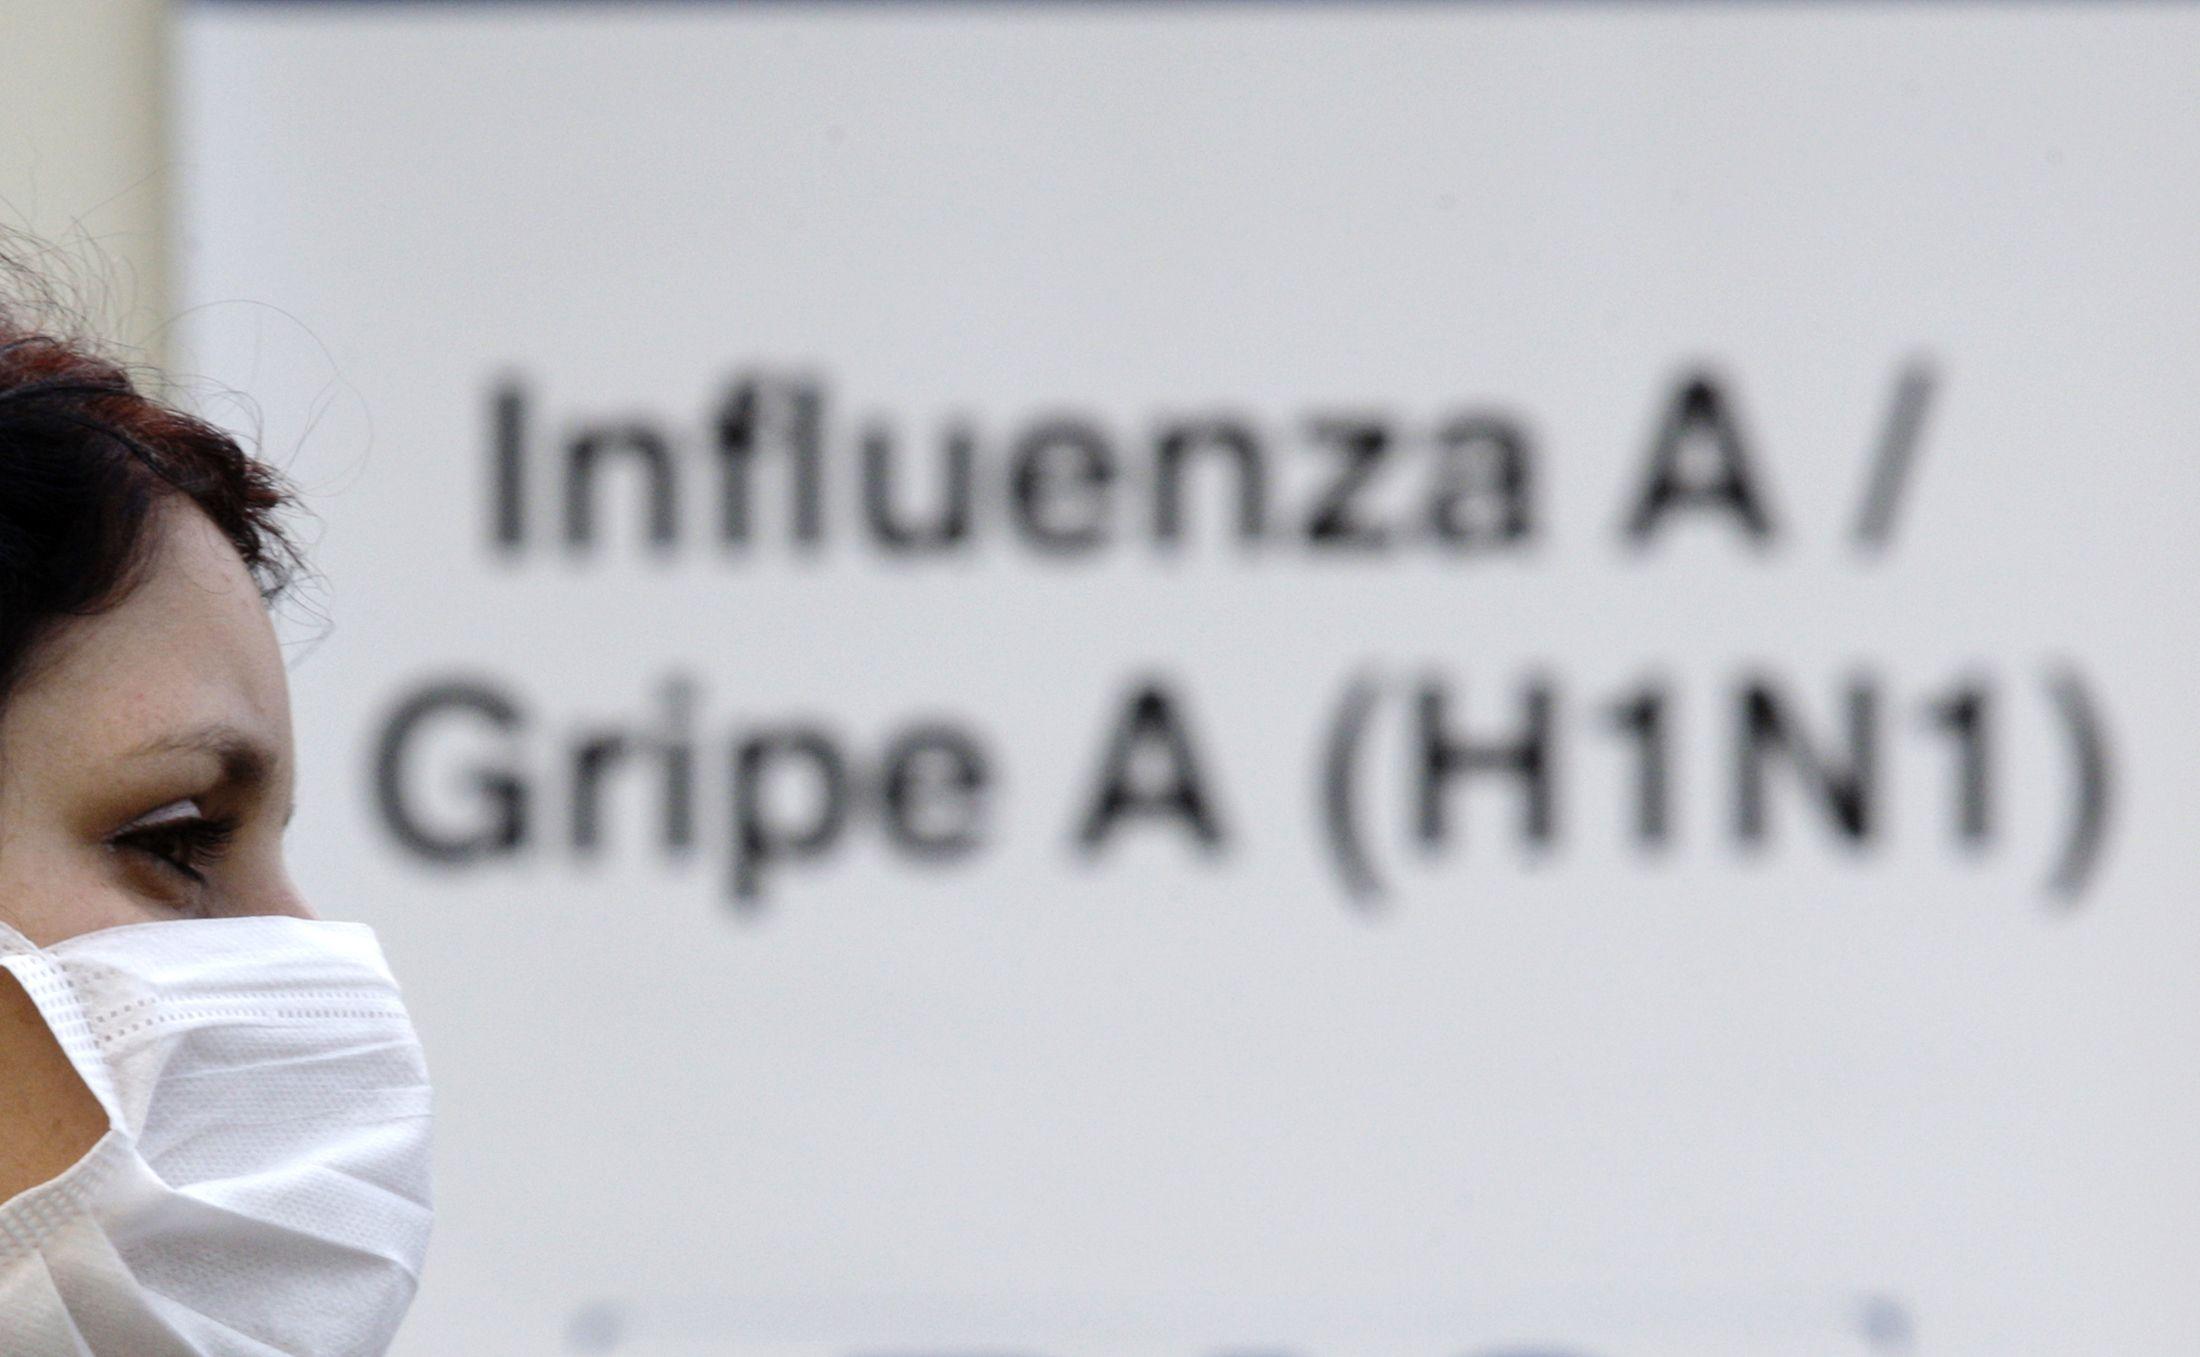 Gripe A: los fallecidos eran del grupo de riesgo que no se vacunaron